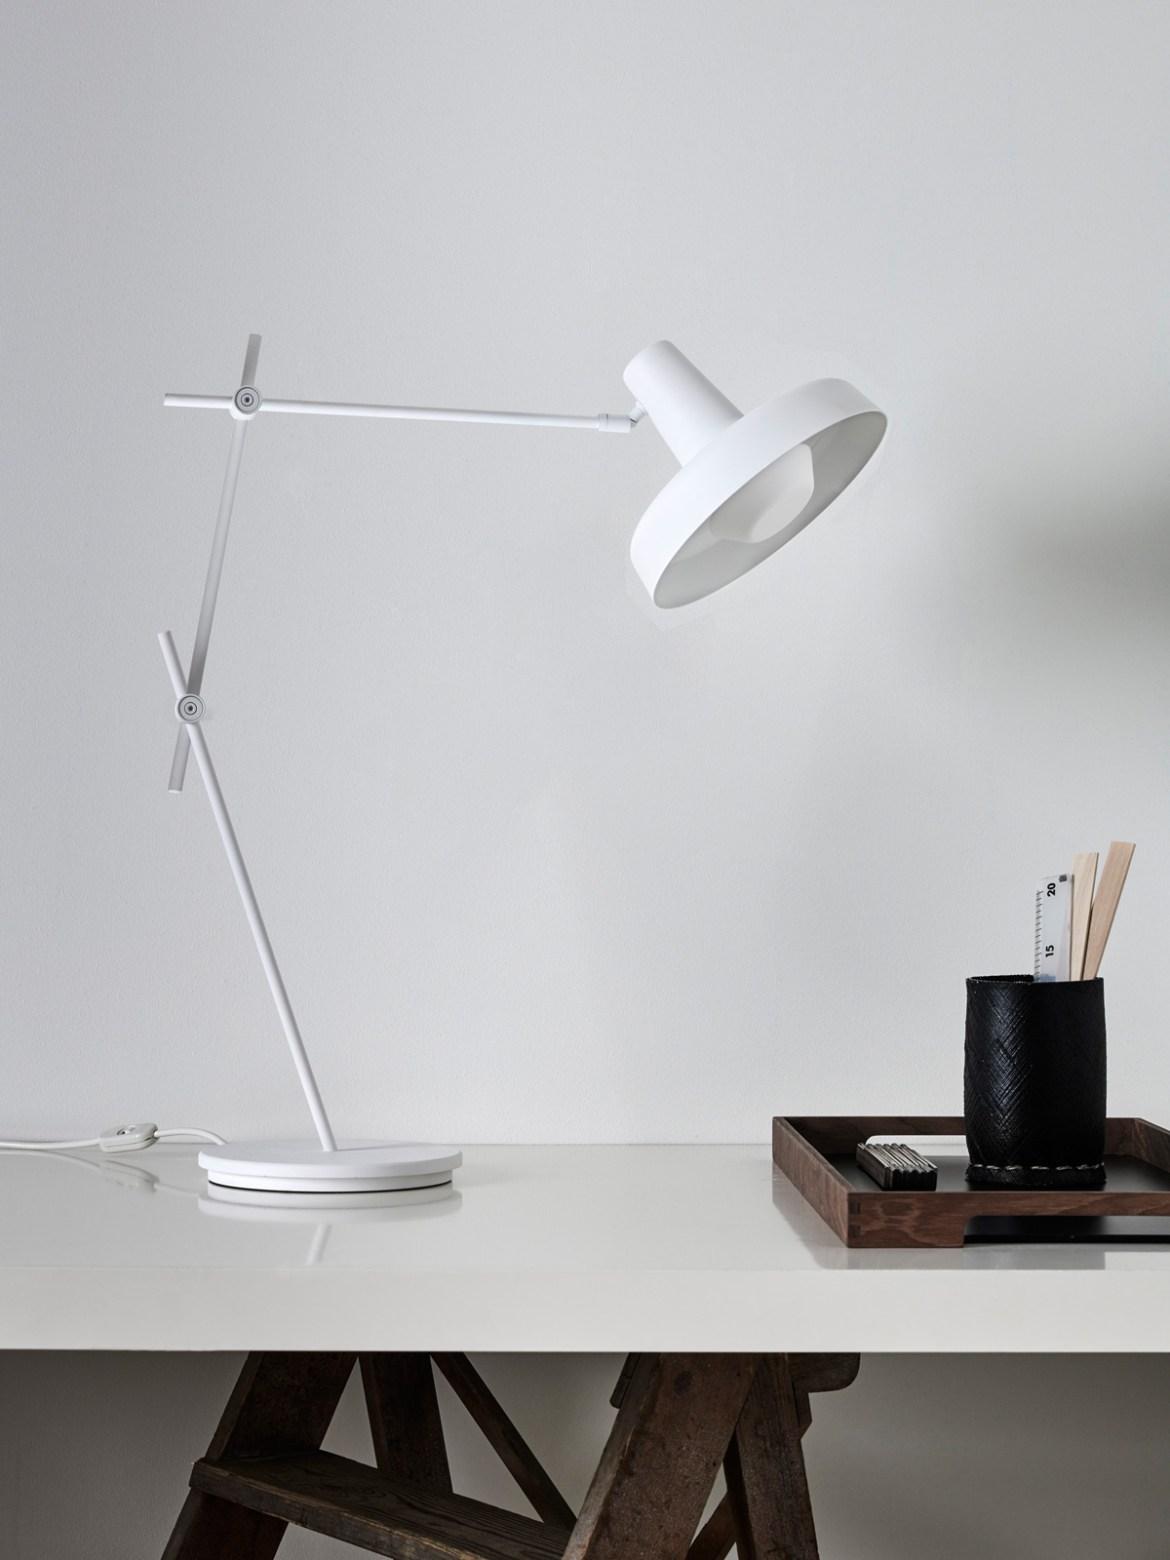 DesignOrt Blog: Grafische Designerleuchten Tisch Lampe Arigato Grupa Products